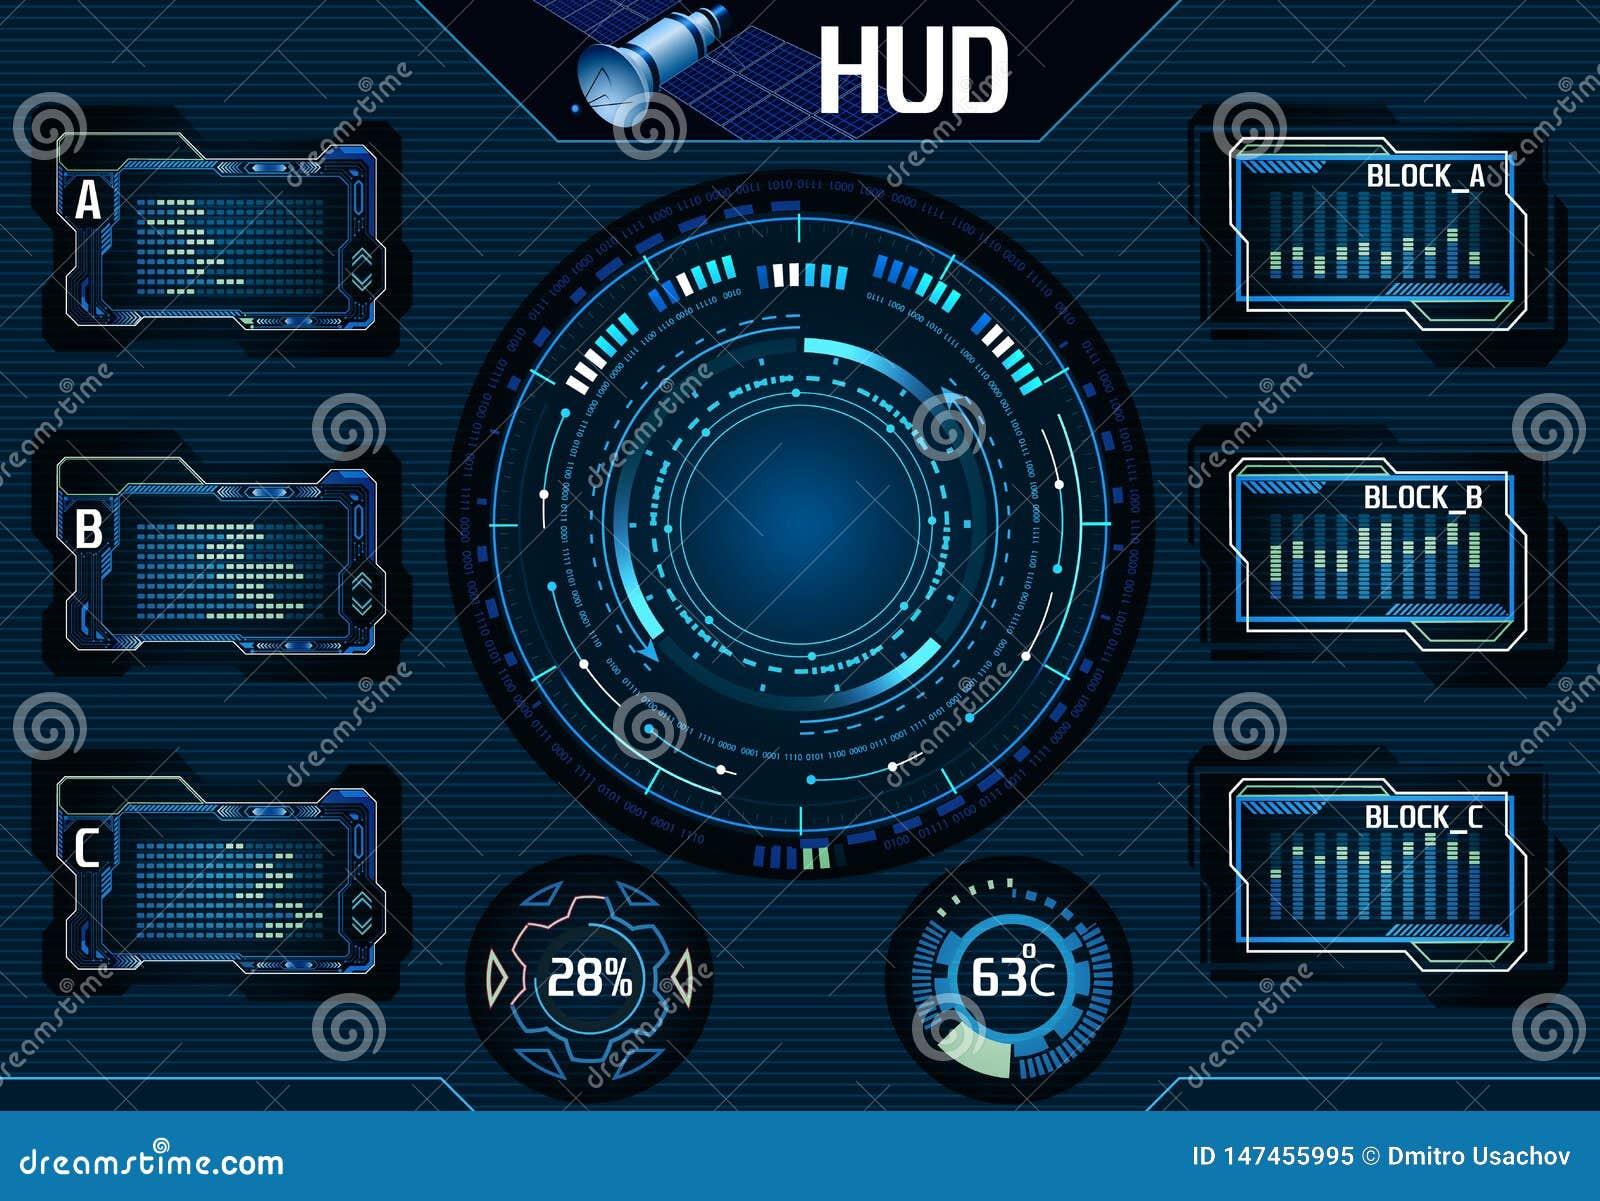 Elementos satélites de HUD UI Infographic Relação gráfica da tecnologia - ilustração